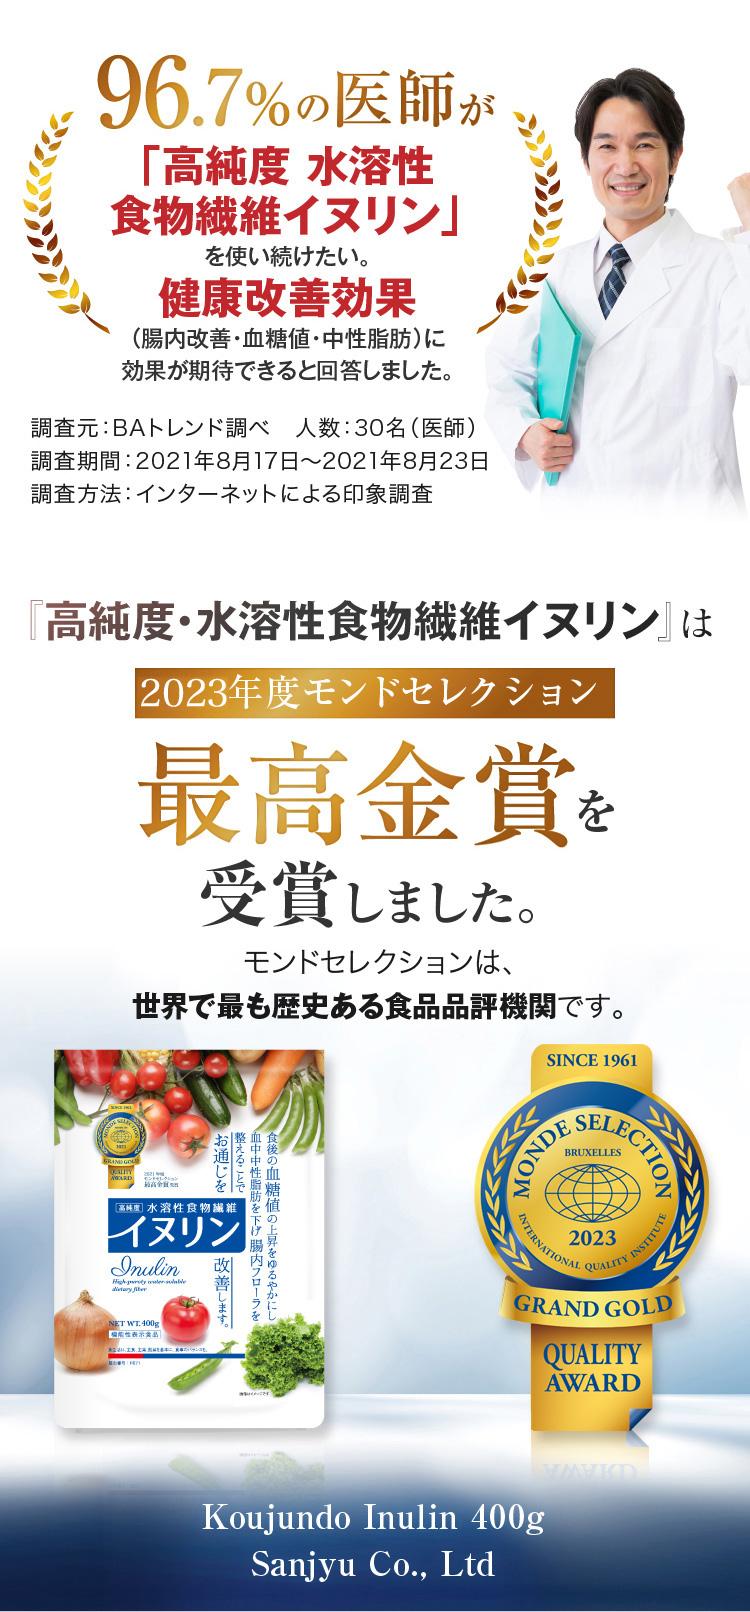 機能性表示食品『高純度・水溶性食物繊維イヌリン』安心・安価!